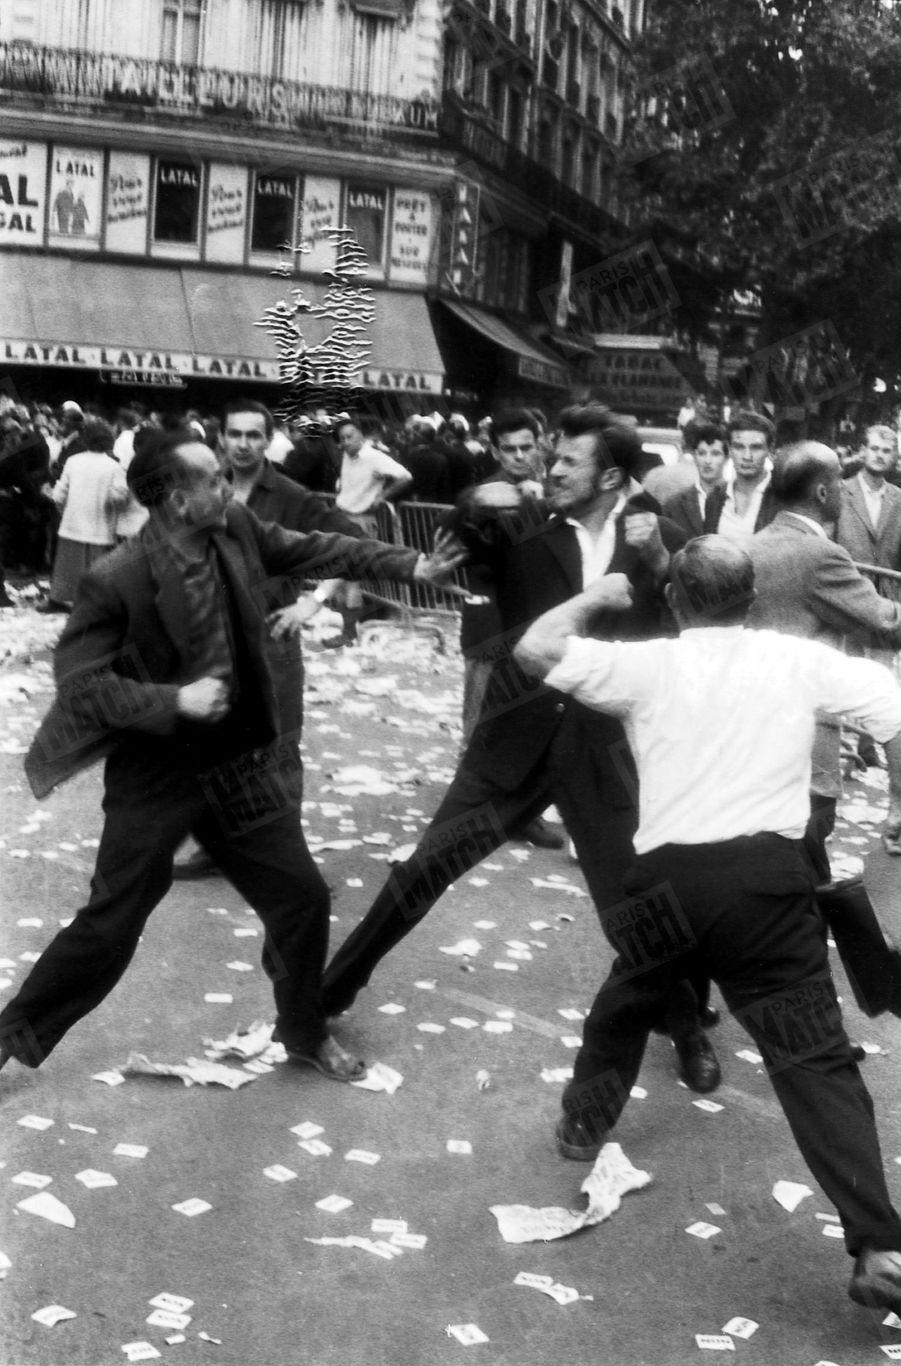 Partisans et opposants à la Vème République jouent du poing, lors du discours de Charles de Gaulle, place de la République, à Paris, le 4 septembre 1958.